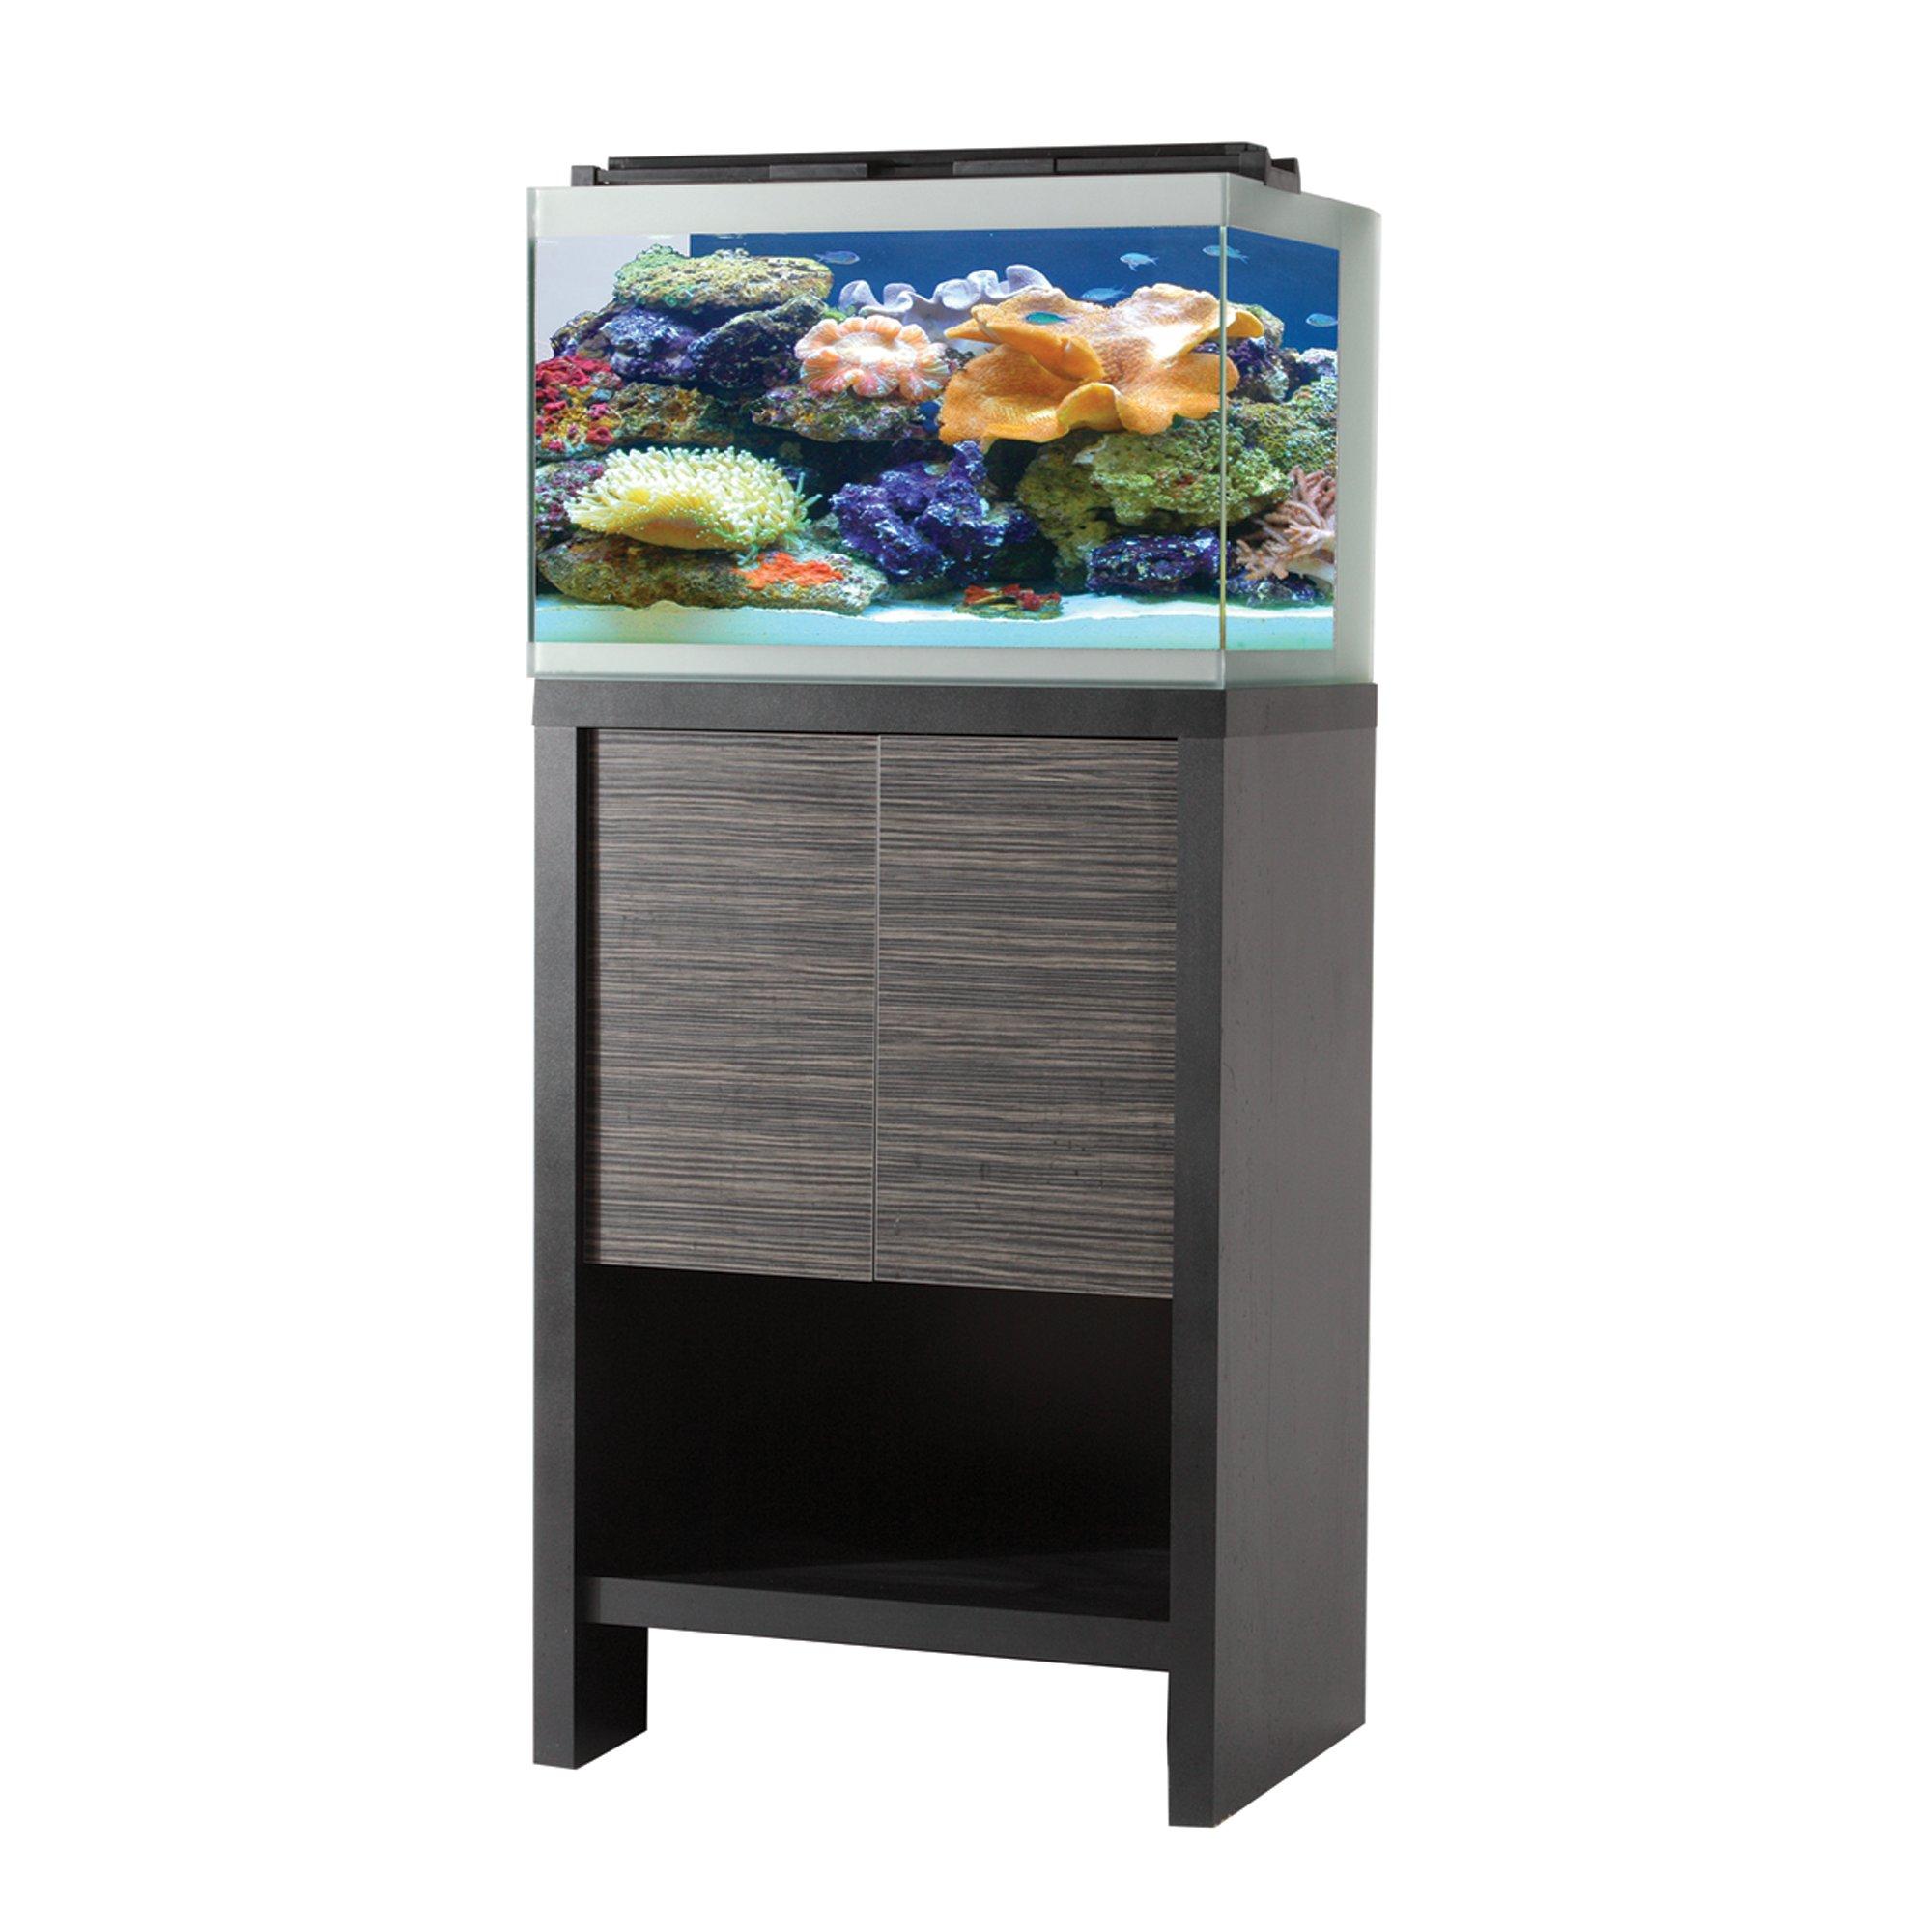 Fluval reef m60 aquarium set w black stand petco for Petco fish supplies